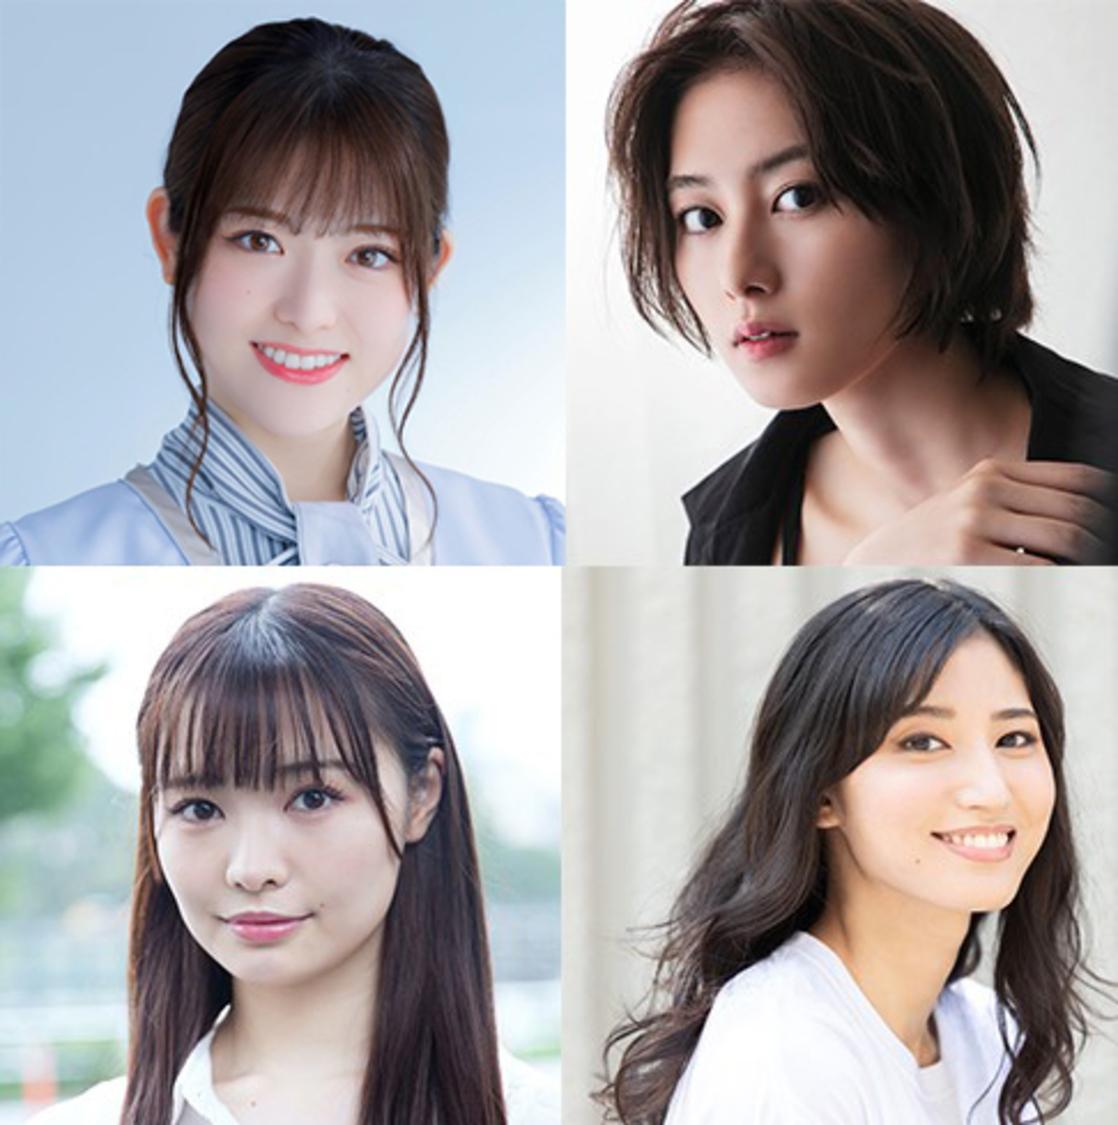 乃木坂46 松村沙友理、舞台『雨の塔』に出演決定!「女の園といえるグループに身を置く私ですが…」